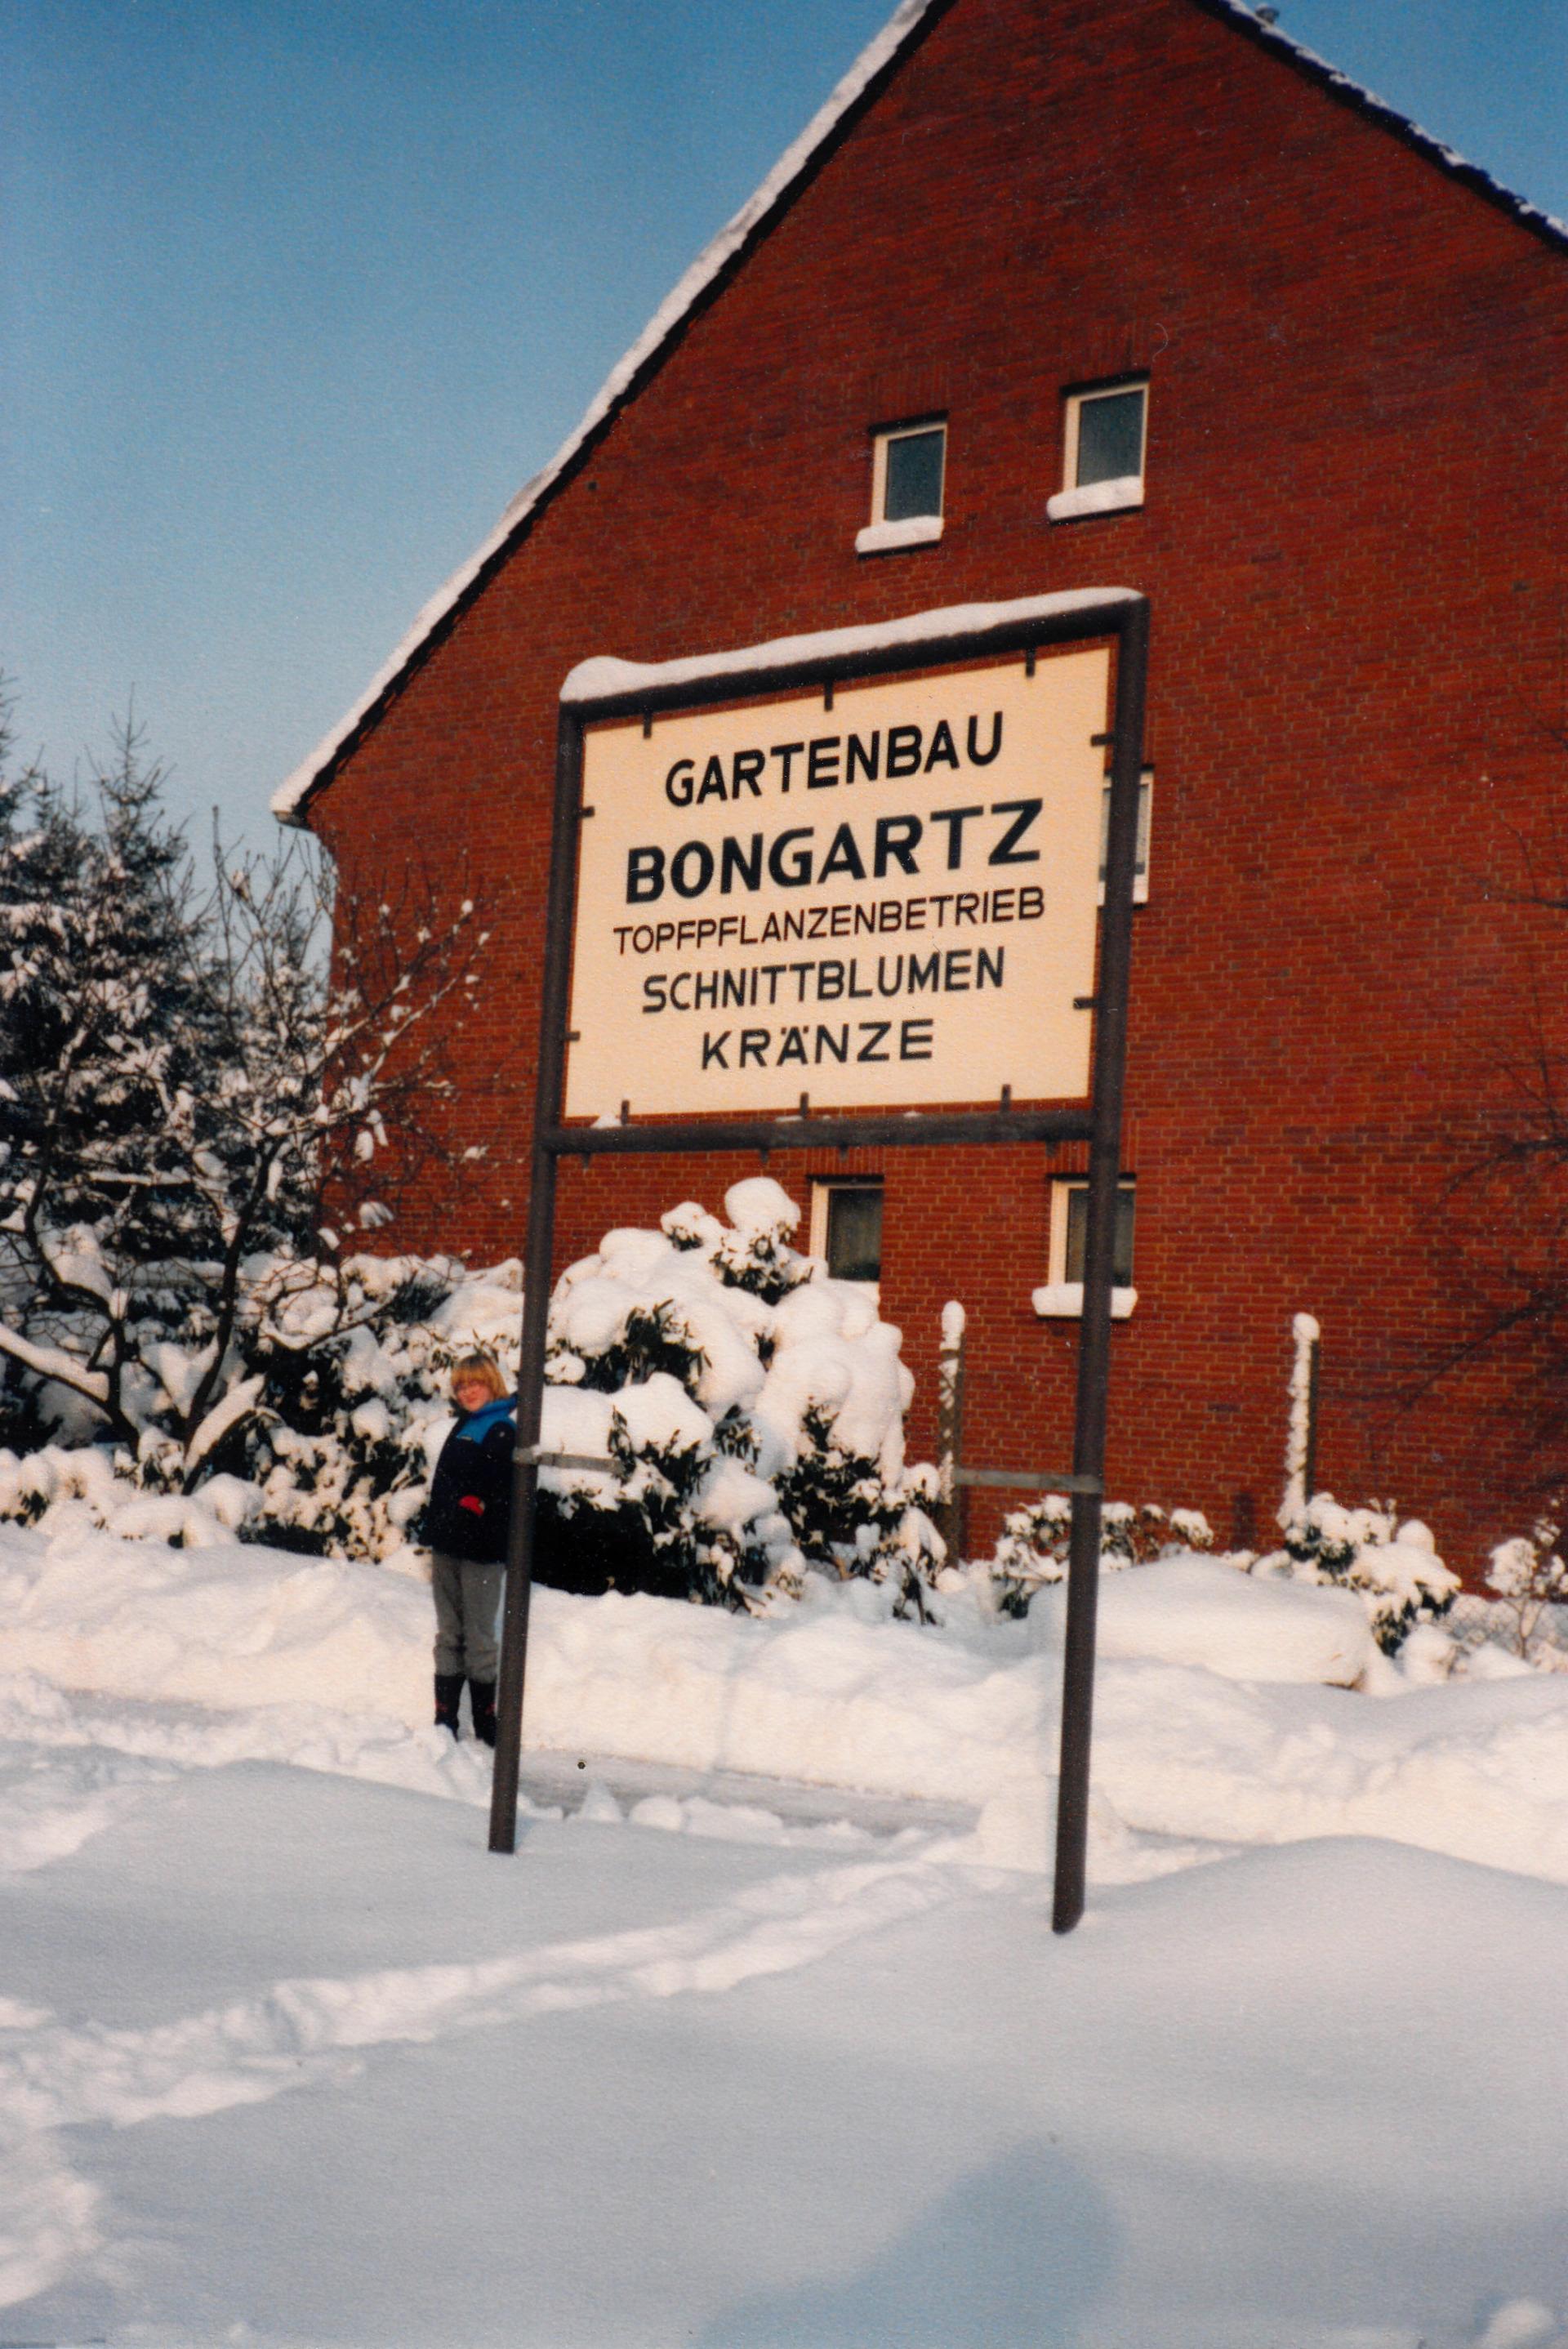 Gartenbau Korschenbroich 70 jahre gartenbau bongartz gartenbau bongartz